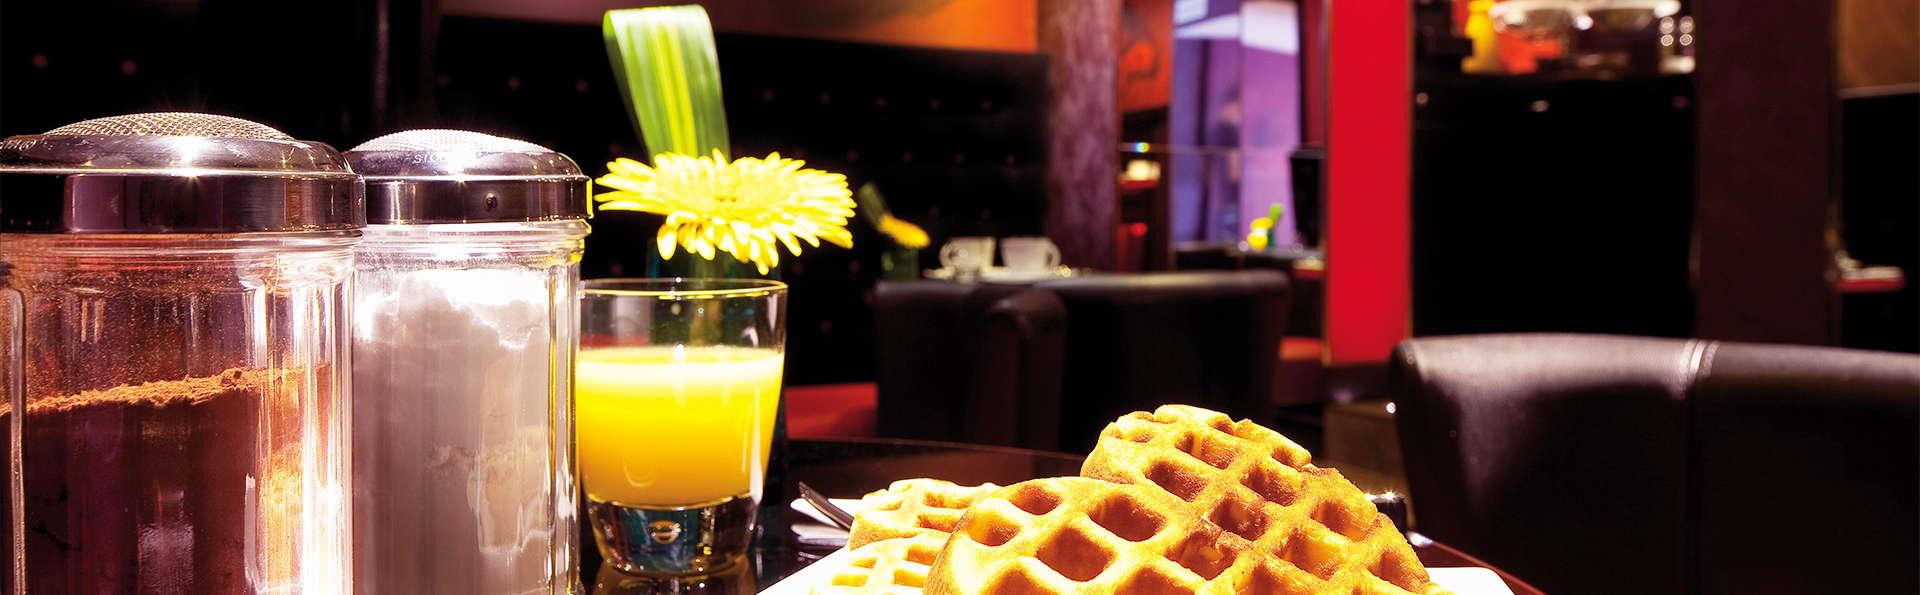 Hôtel Montmartre mon Amour - EDIT_breakfast1.jpg